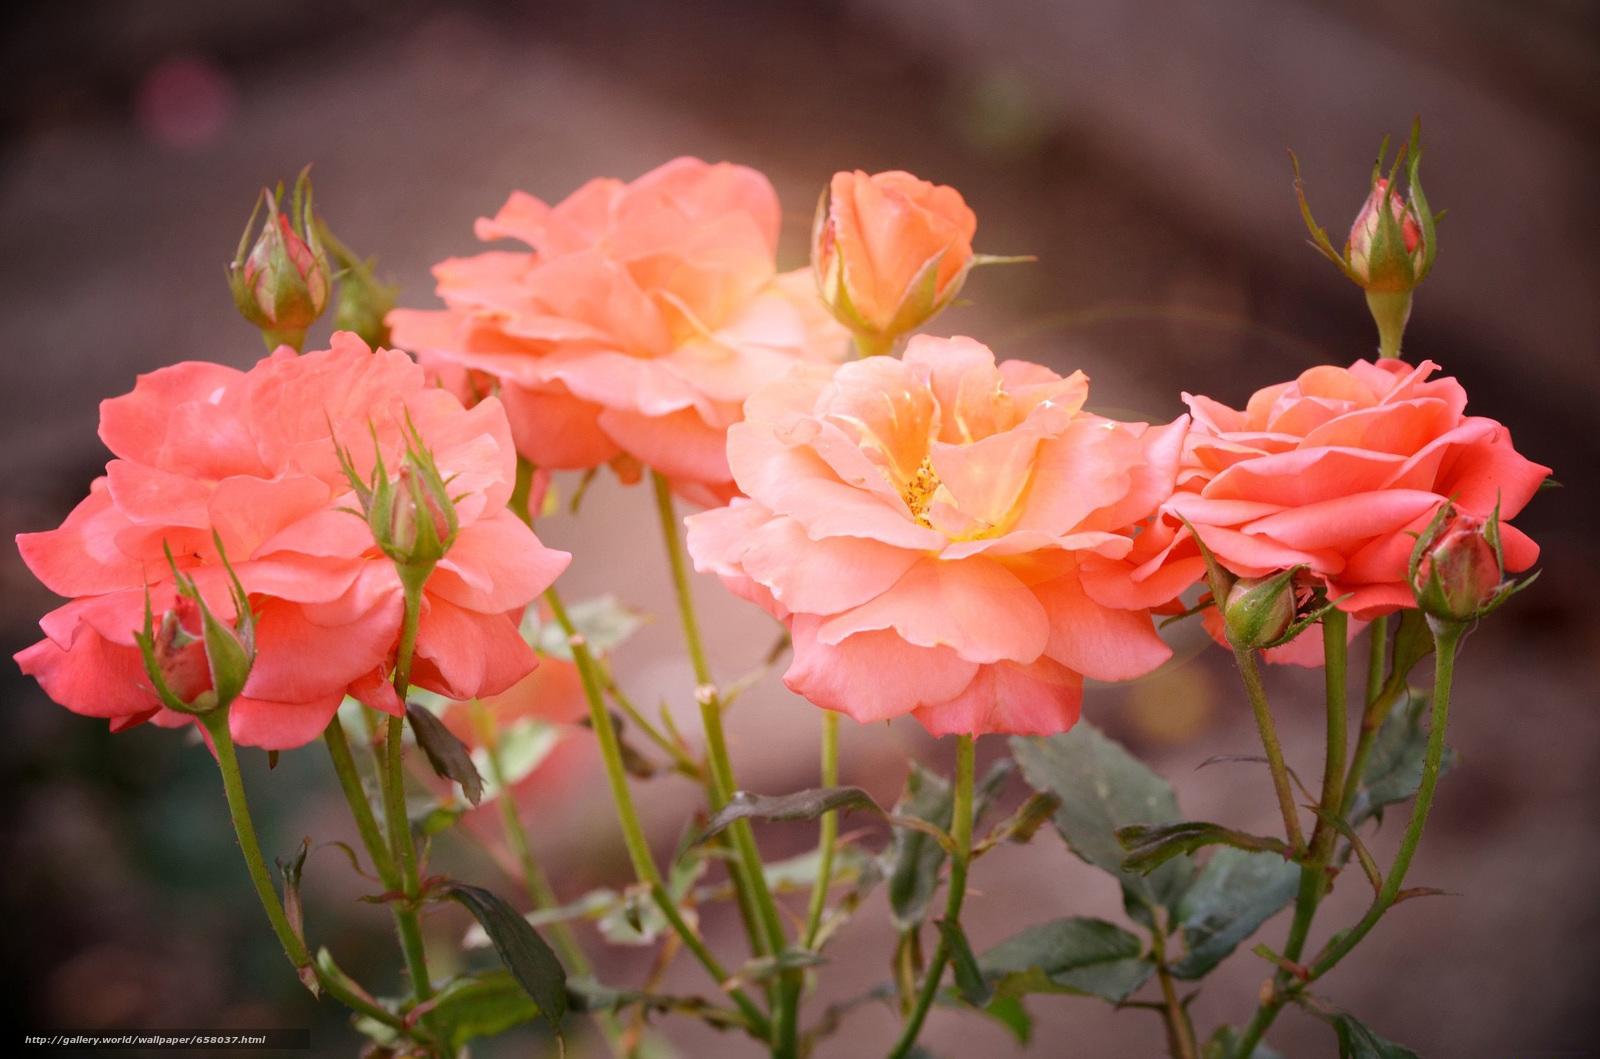 pobra tapety Kwiaty,  kwiat,  róża,  Roses Darmowe tapety na pulpit rozdzielczoci 2048x1356 — zdjcie №658037